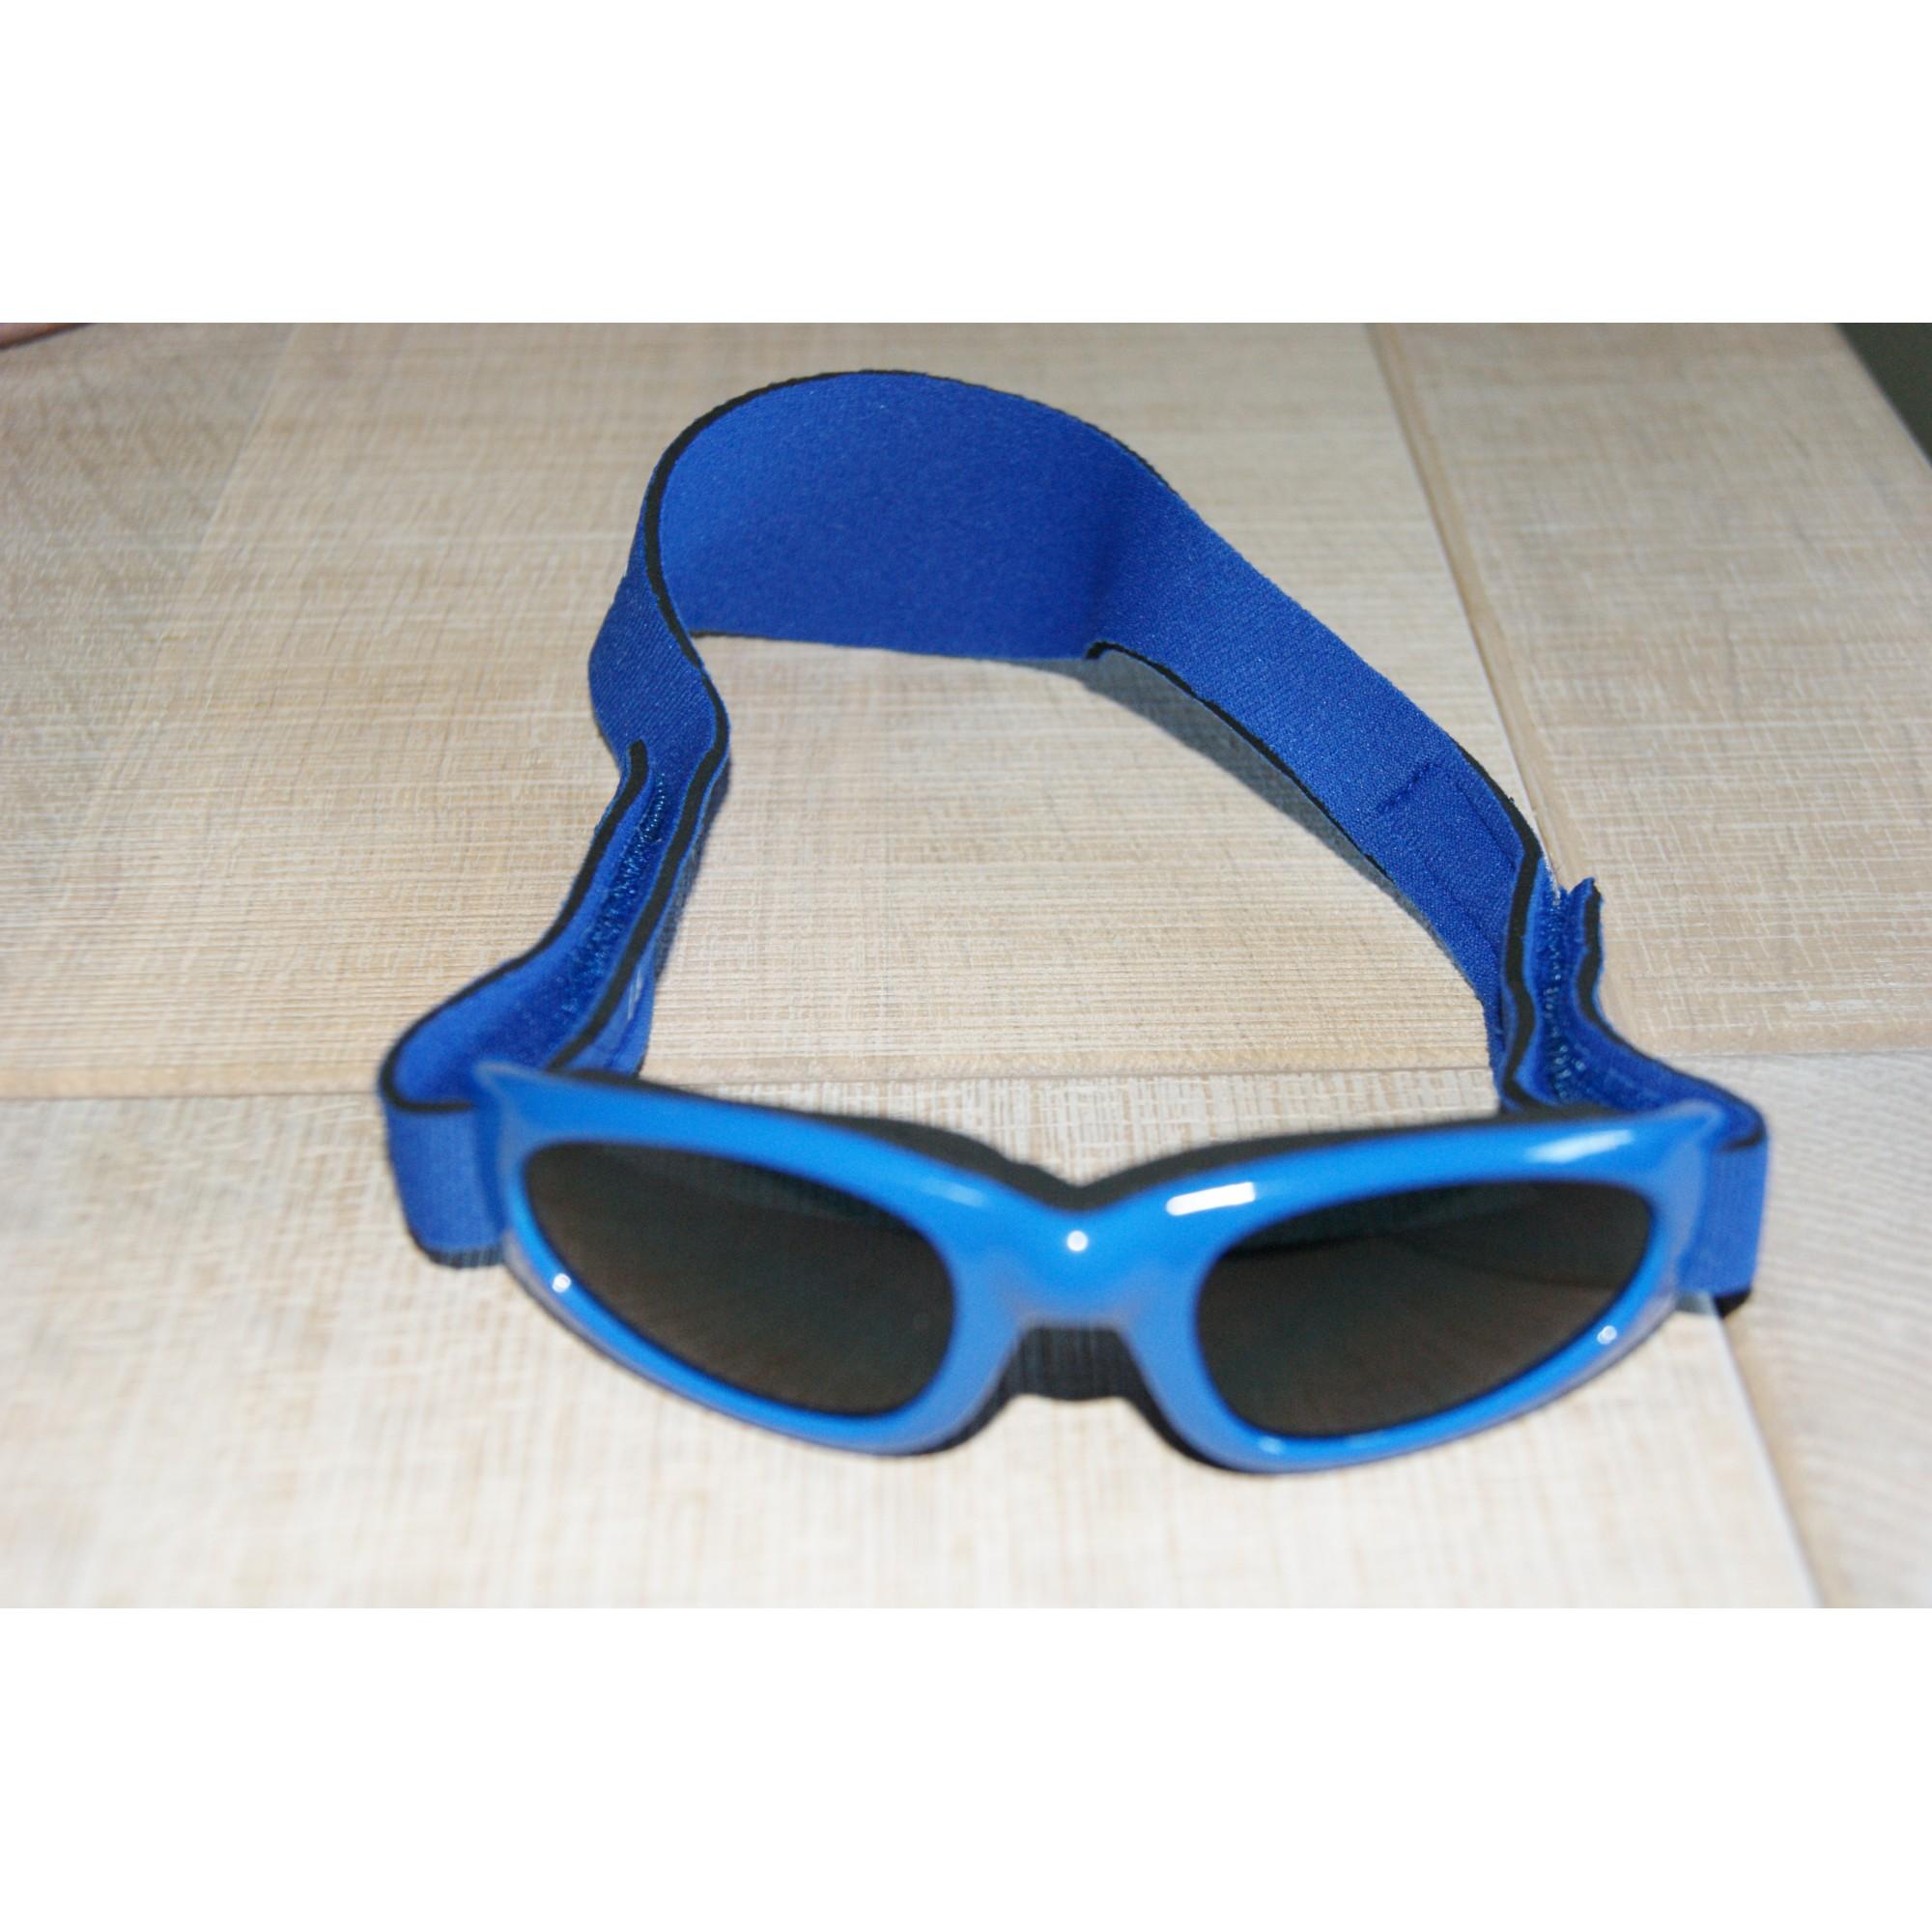 77b44db1b07693 Lunettes de soleil PIOU-PIOU Autre bleu vendu par Claraenzo51897 ...